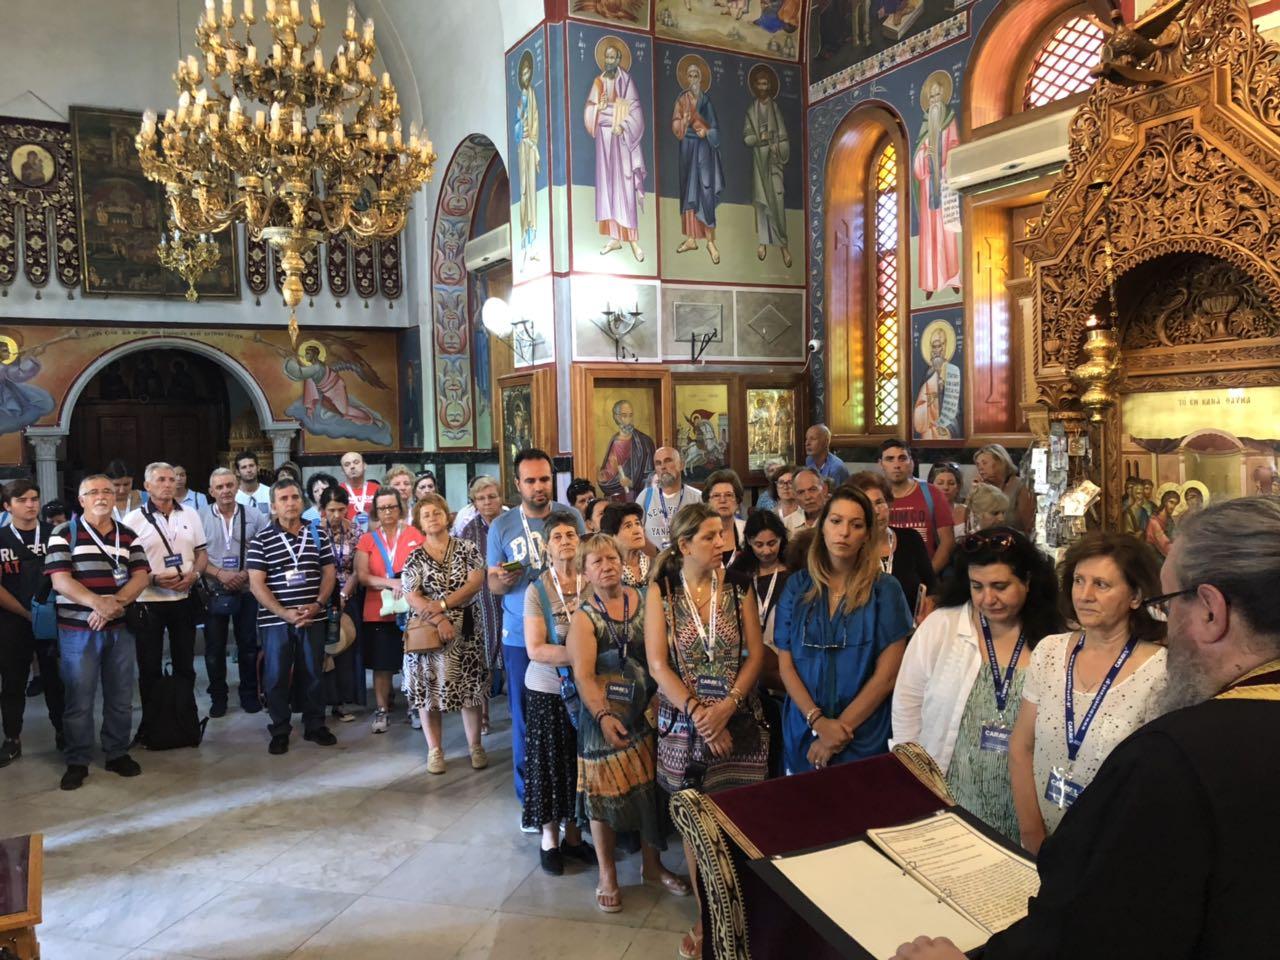 ierosolyma day2 10 - Στη Γαλιλαία Των Εθνών…